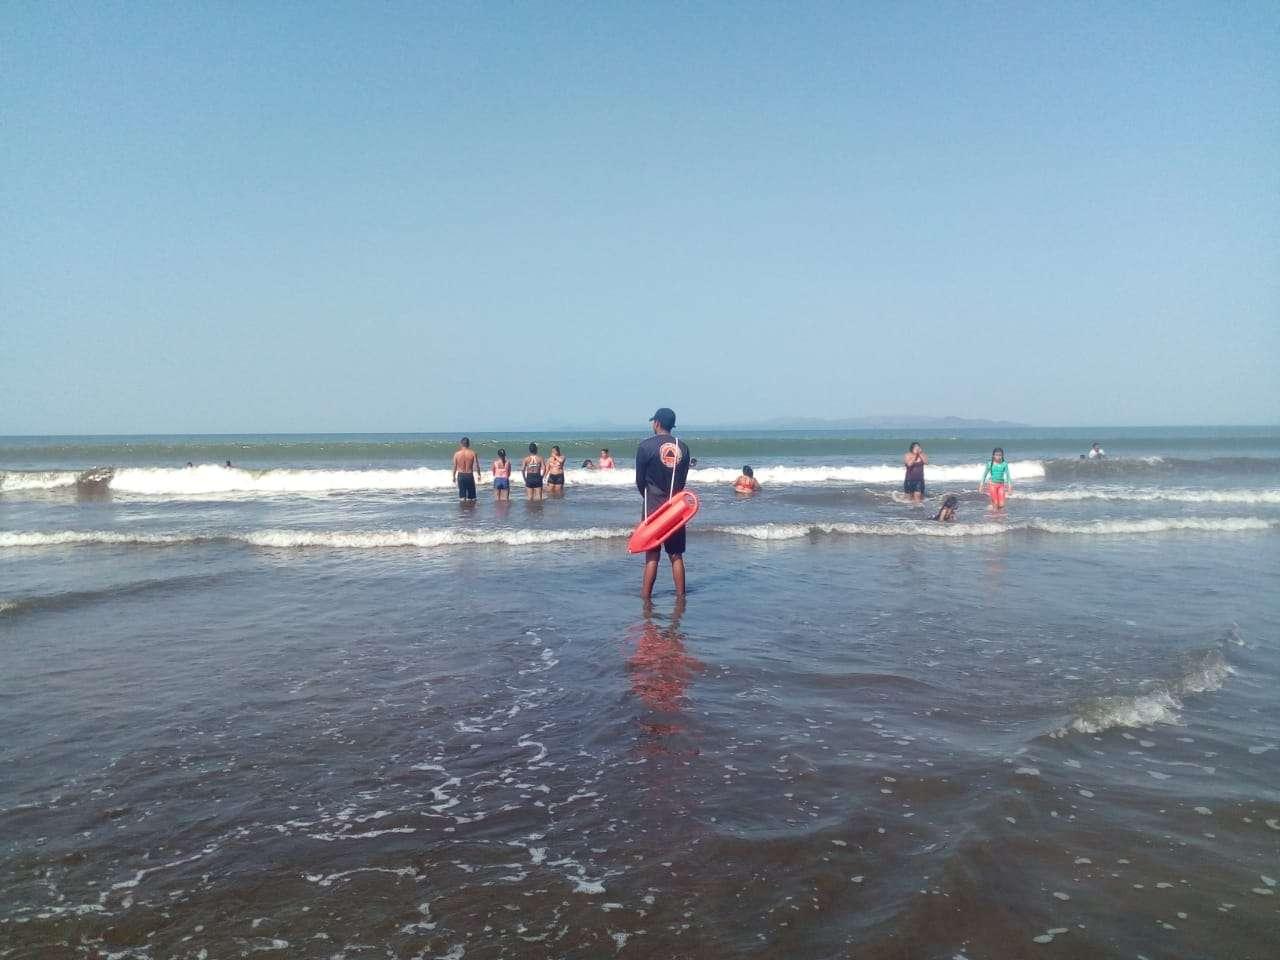 Vista general de  Playa Coco Beach en Manaca, distrito de Barú en la provincia de Chiriquí, donde desapareció el joven. Foto: Mayra Madrid